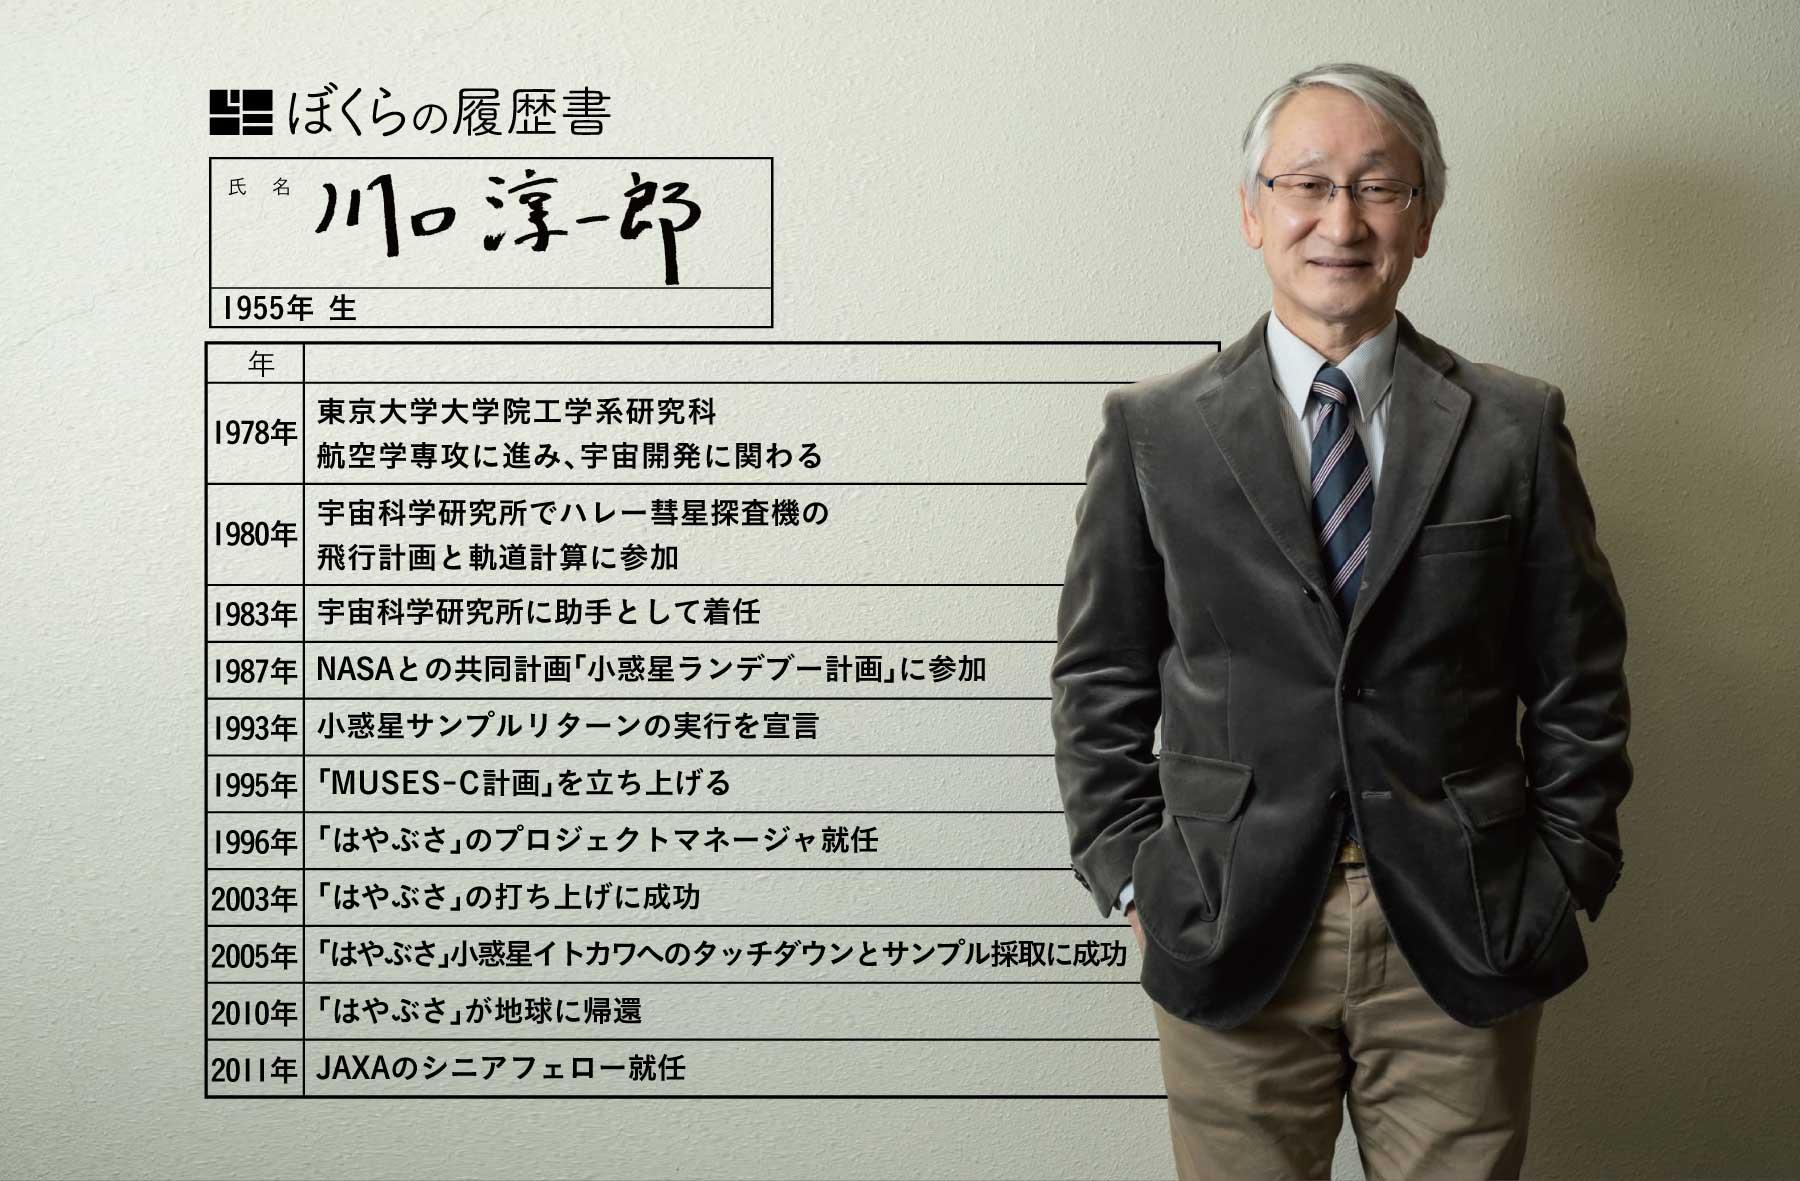 川口淳一郎さんの履歴書画像